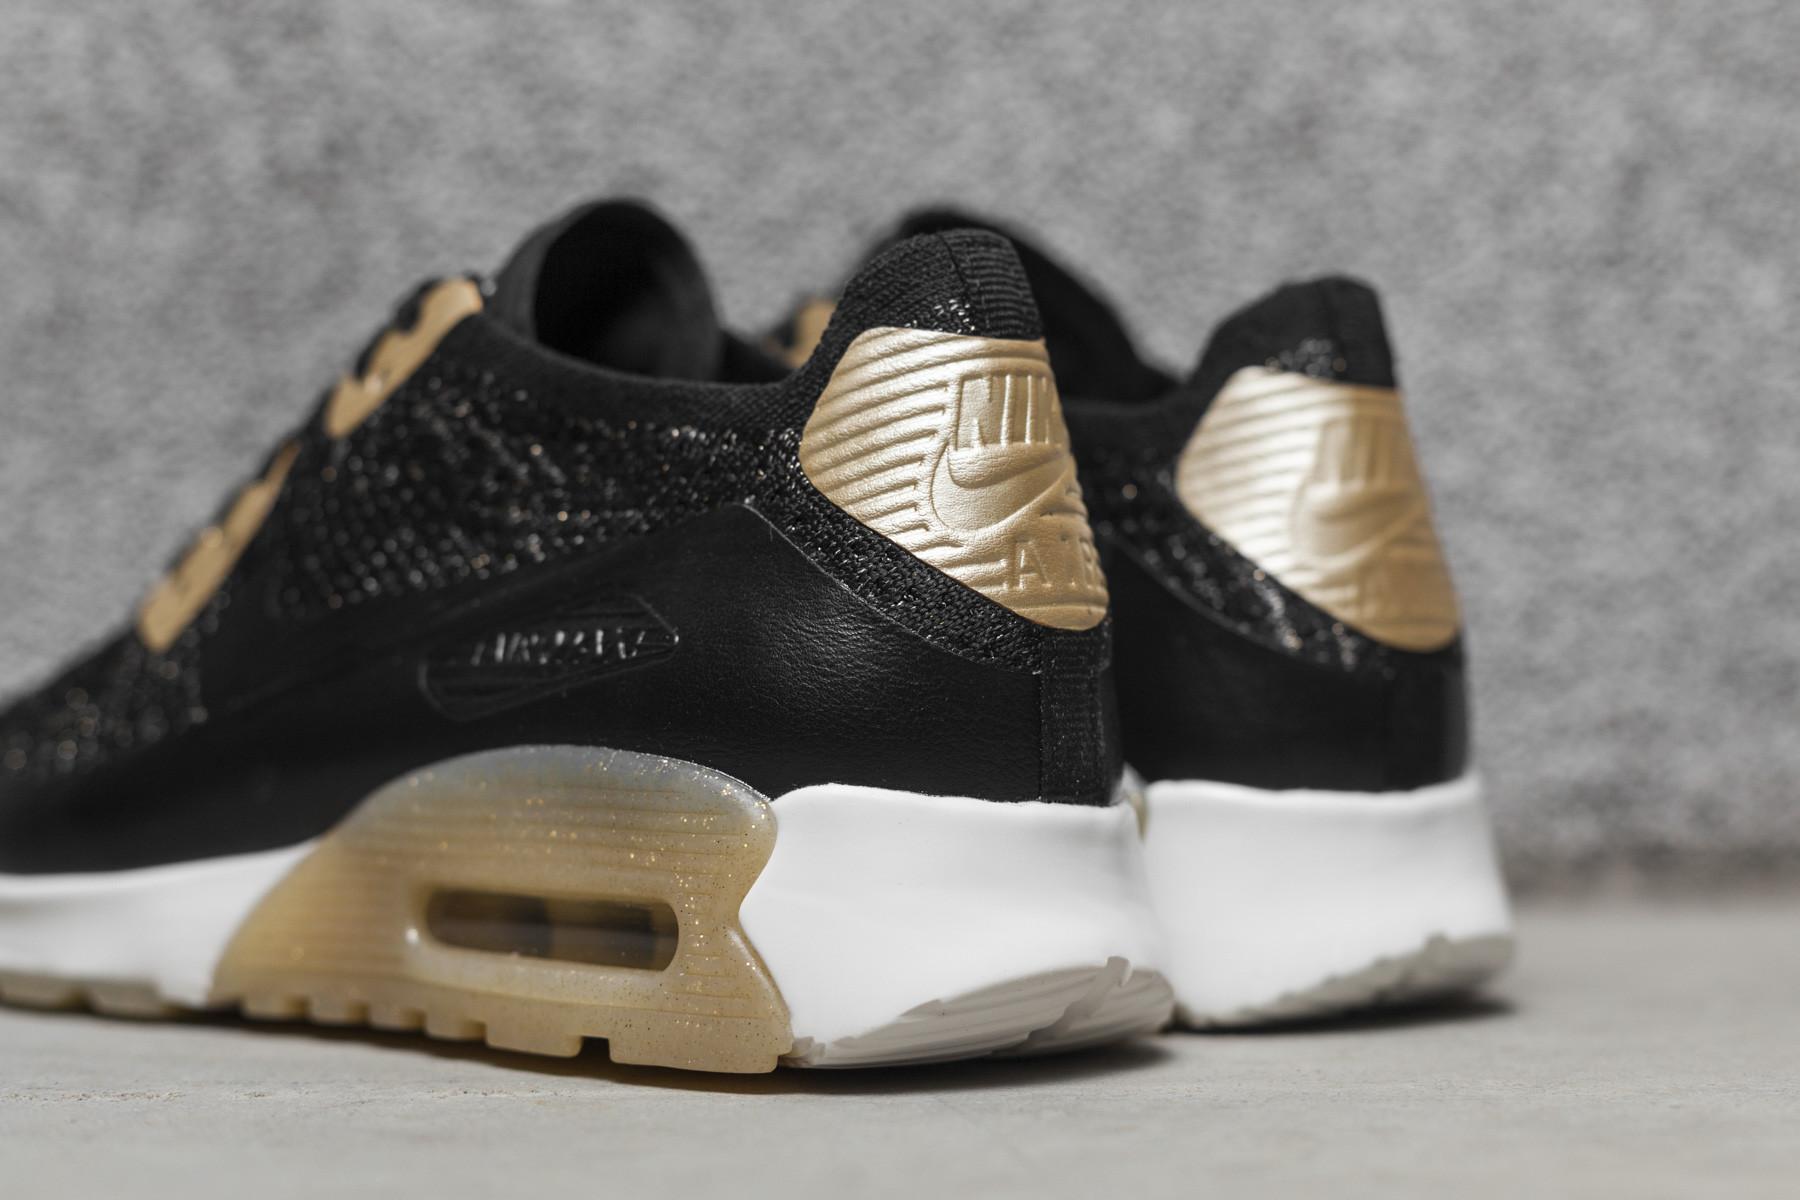 the best attitude d3cc5 9dab4 air max 97 ultra jacquard 2.0 metallic gold Nike Air Max 97 OG ...